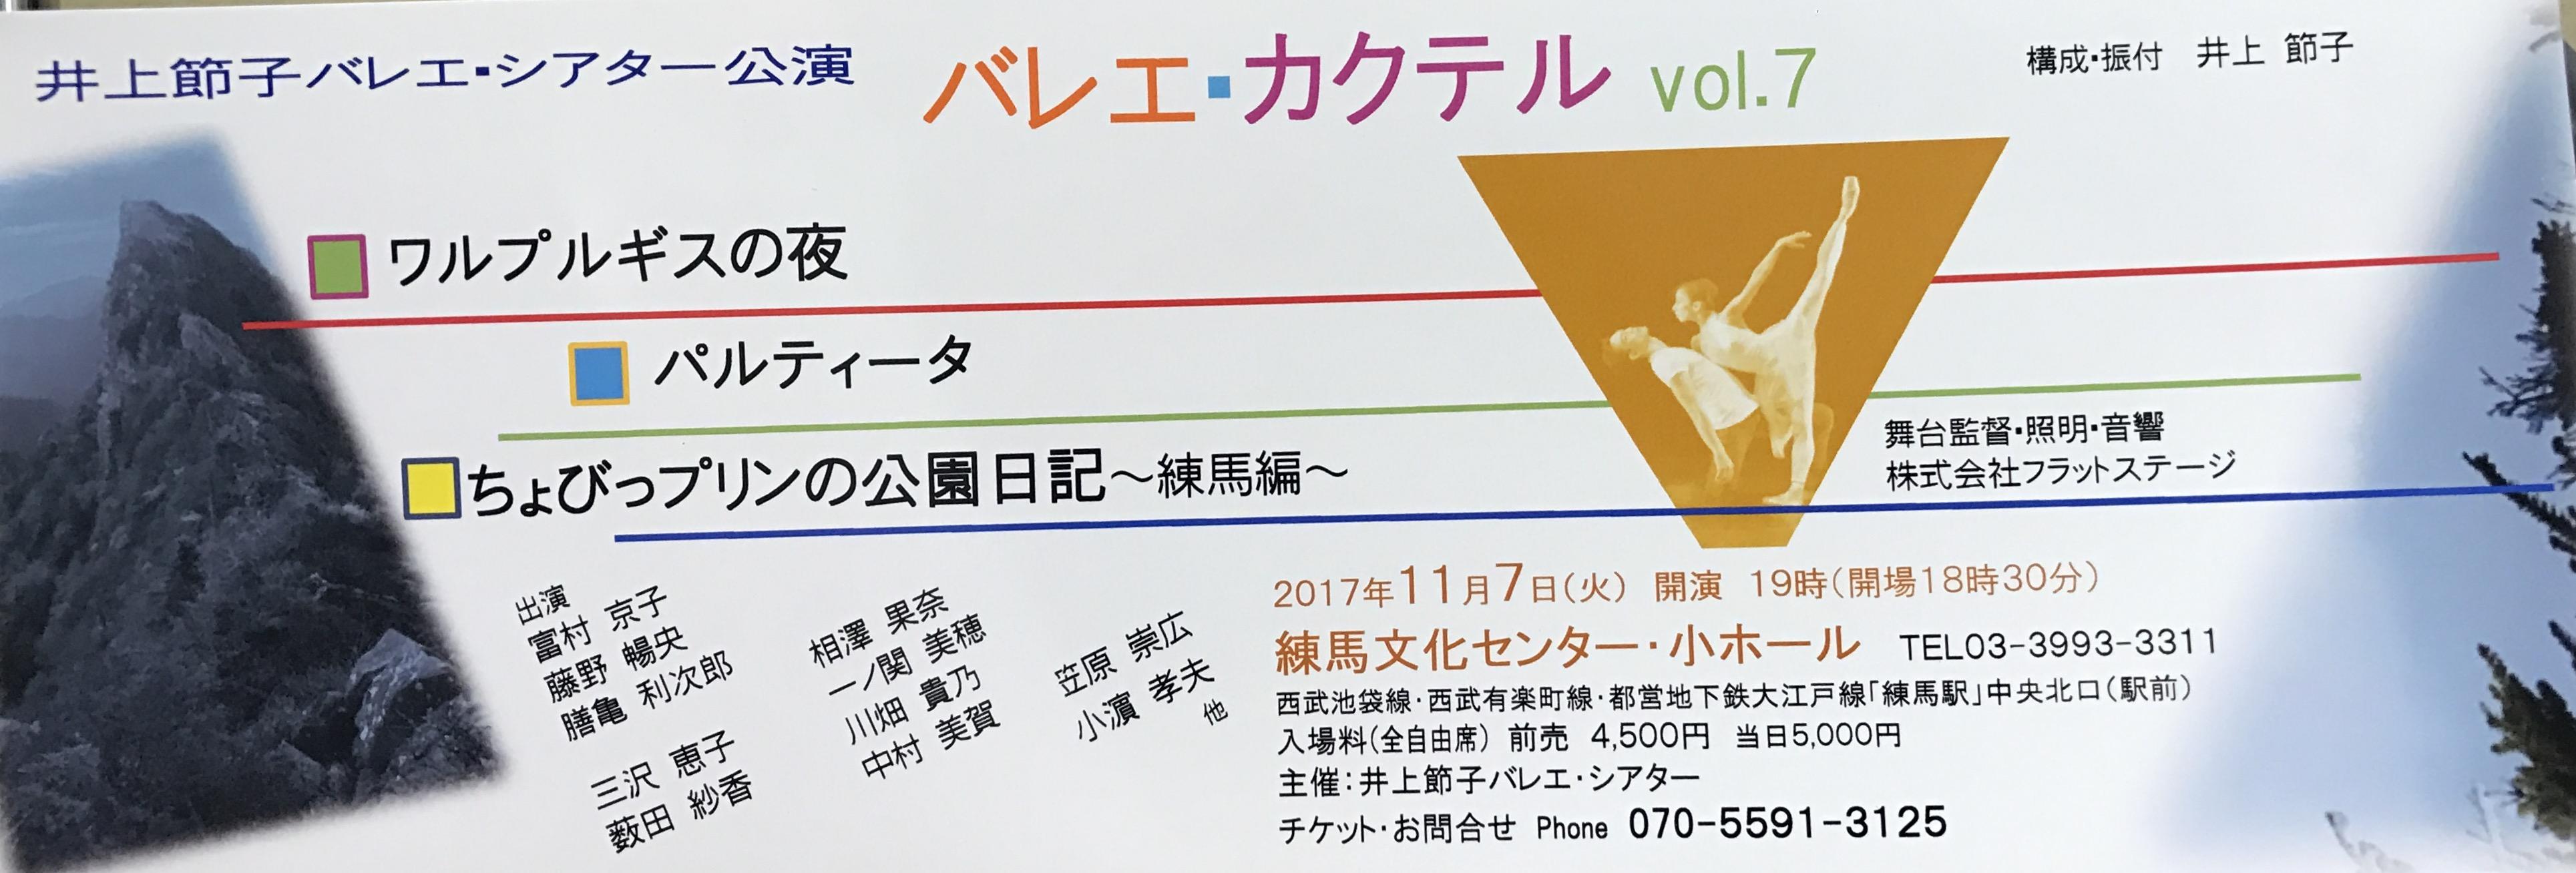 TAKANO 出演舞台情報 – takano